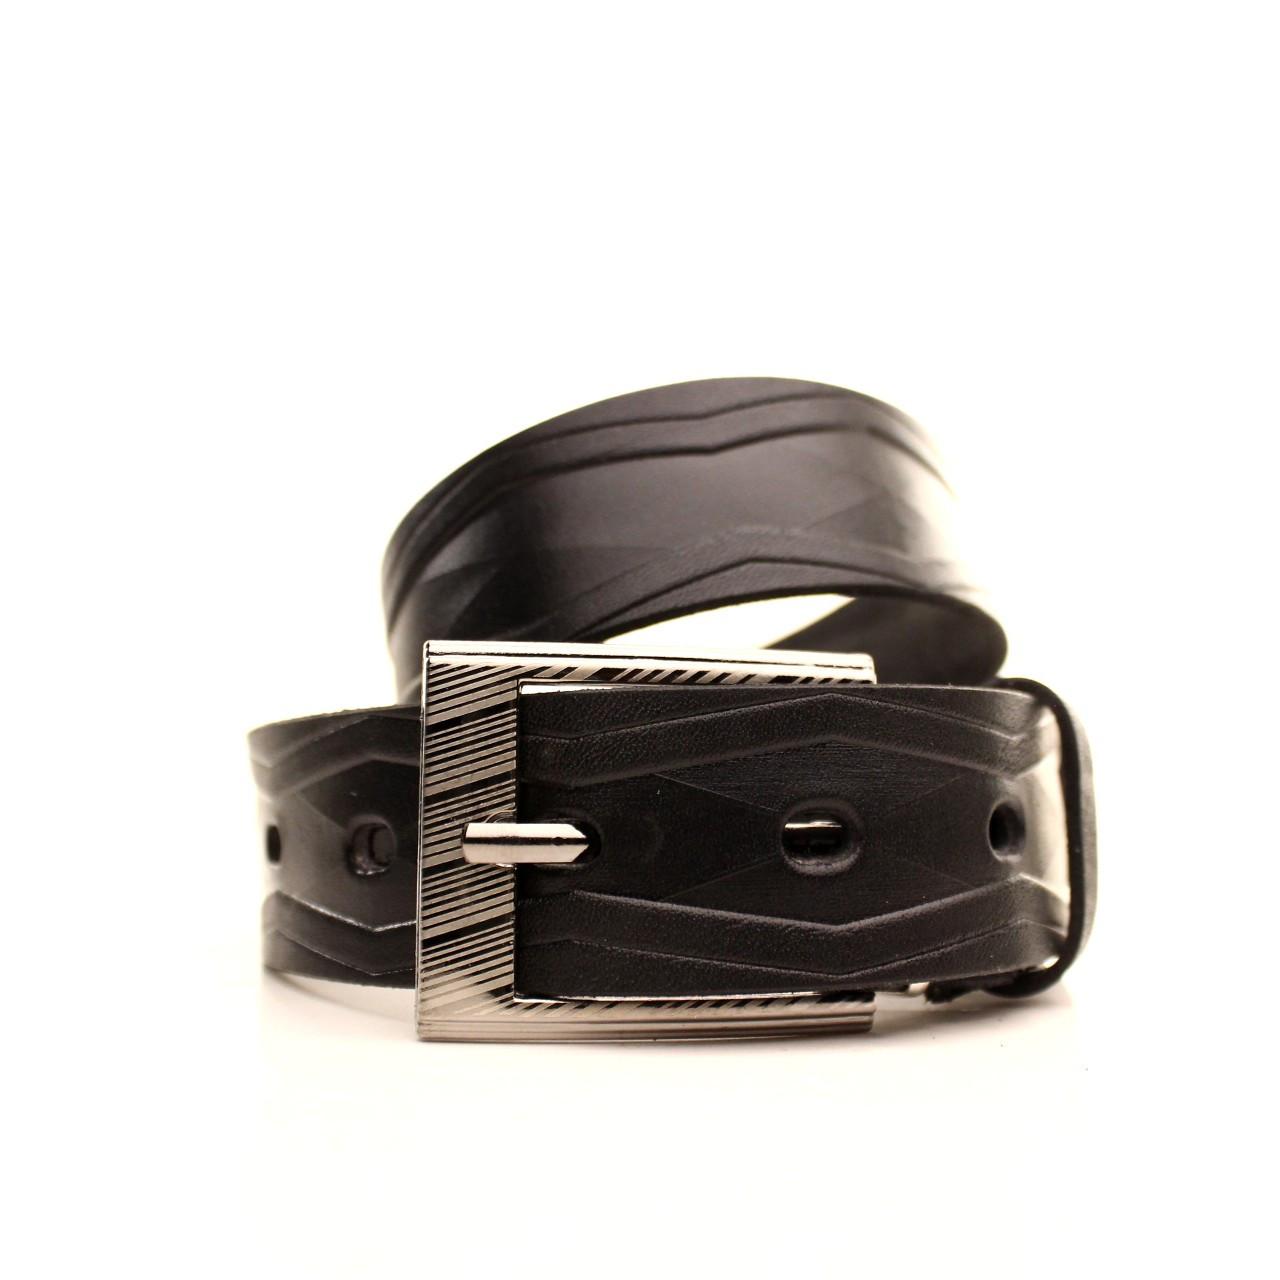 Ремень кожаный Lazar 70-80 см черный l30u3w18